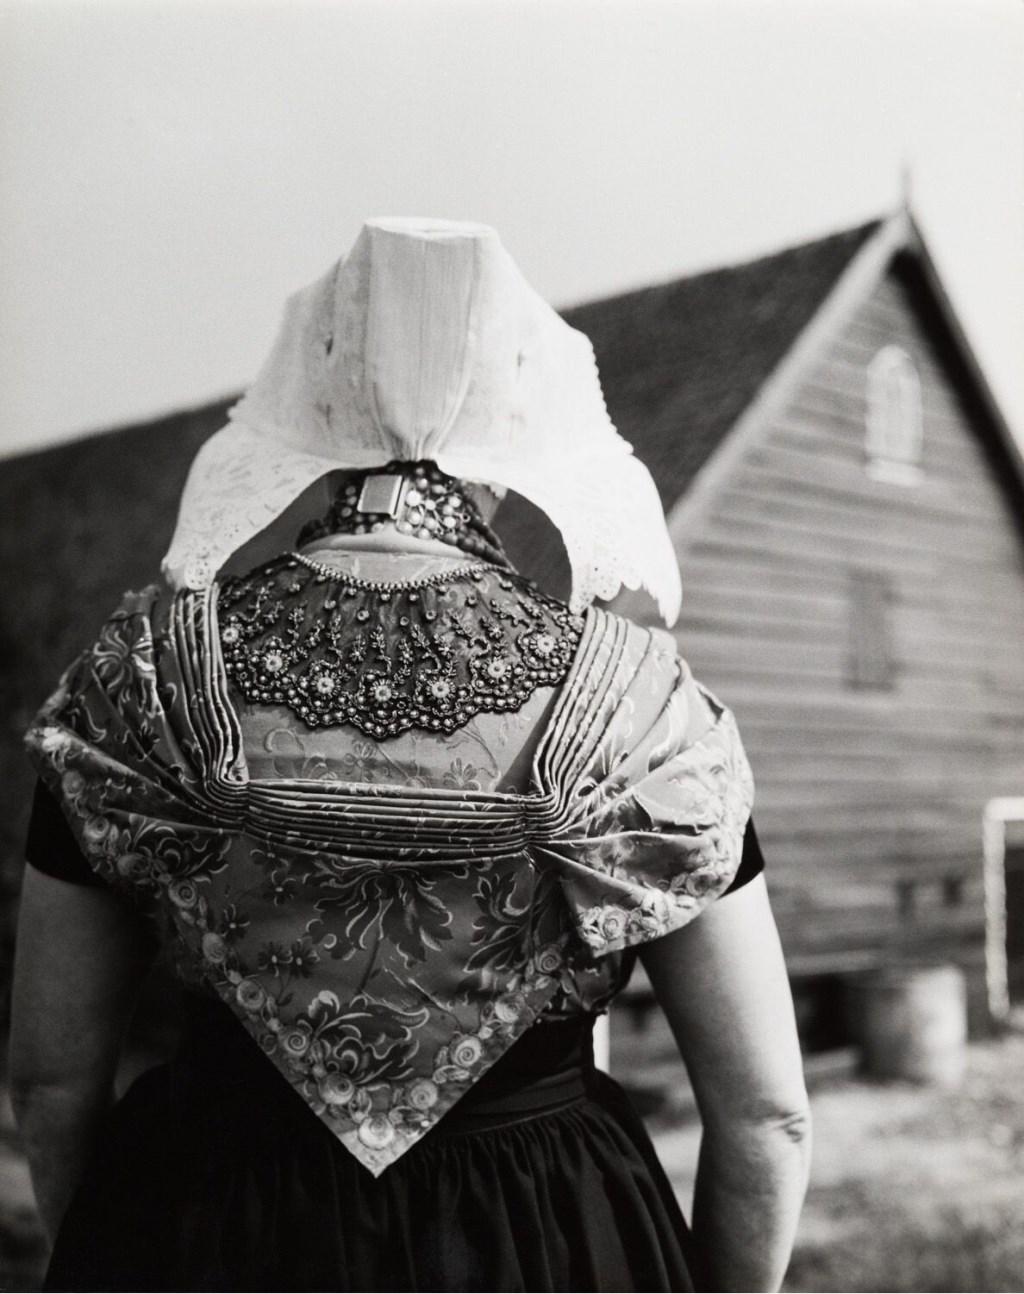 Fotograaf Cas Oorthuys heeft veel in Zeeland gefotografeerd. Er zijn prachtige foto's van Zeeuwse klederdracht, landschappen en straten uit voornamelijk de jaren 50.